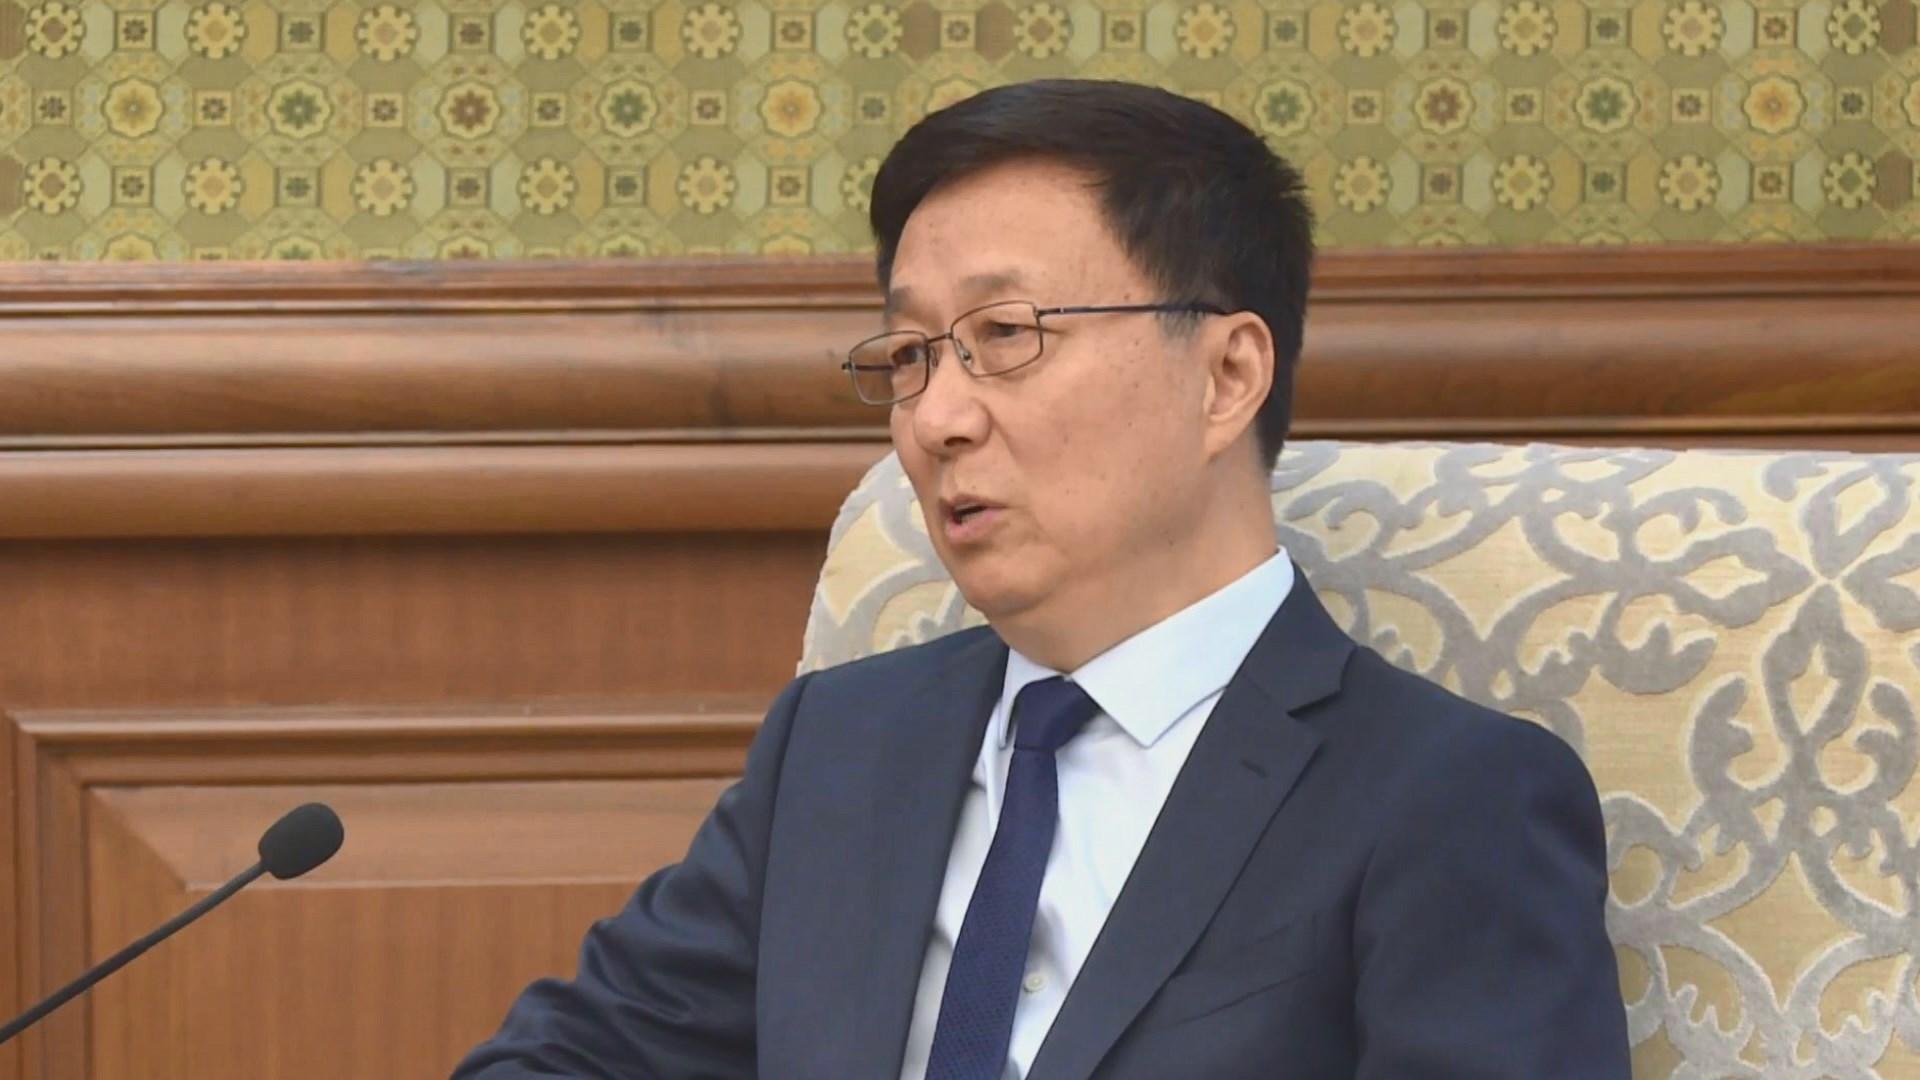 韓正:要大力提質增效積極的財政政策